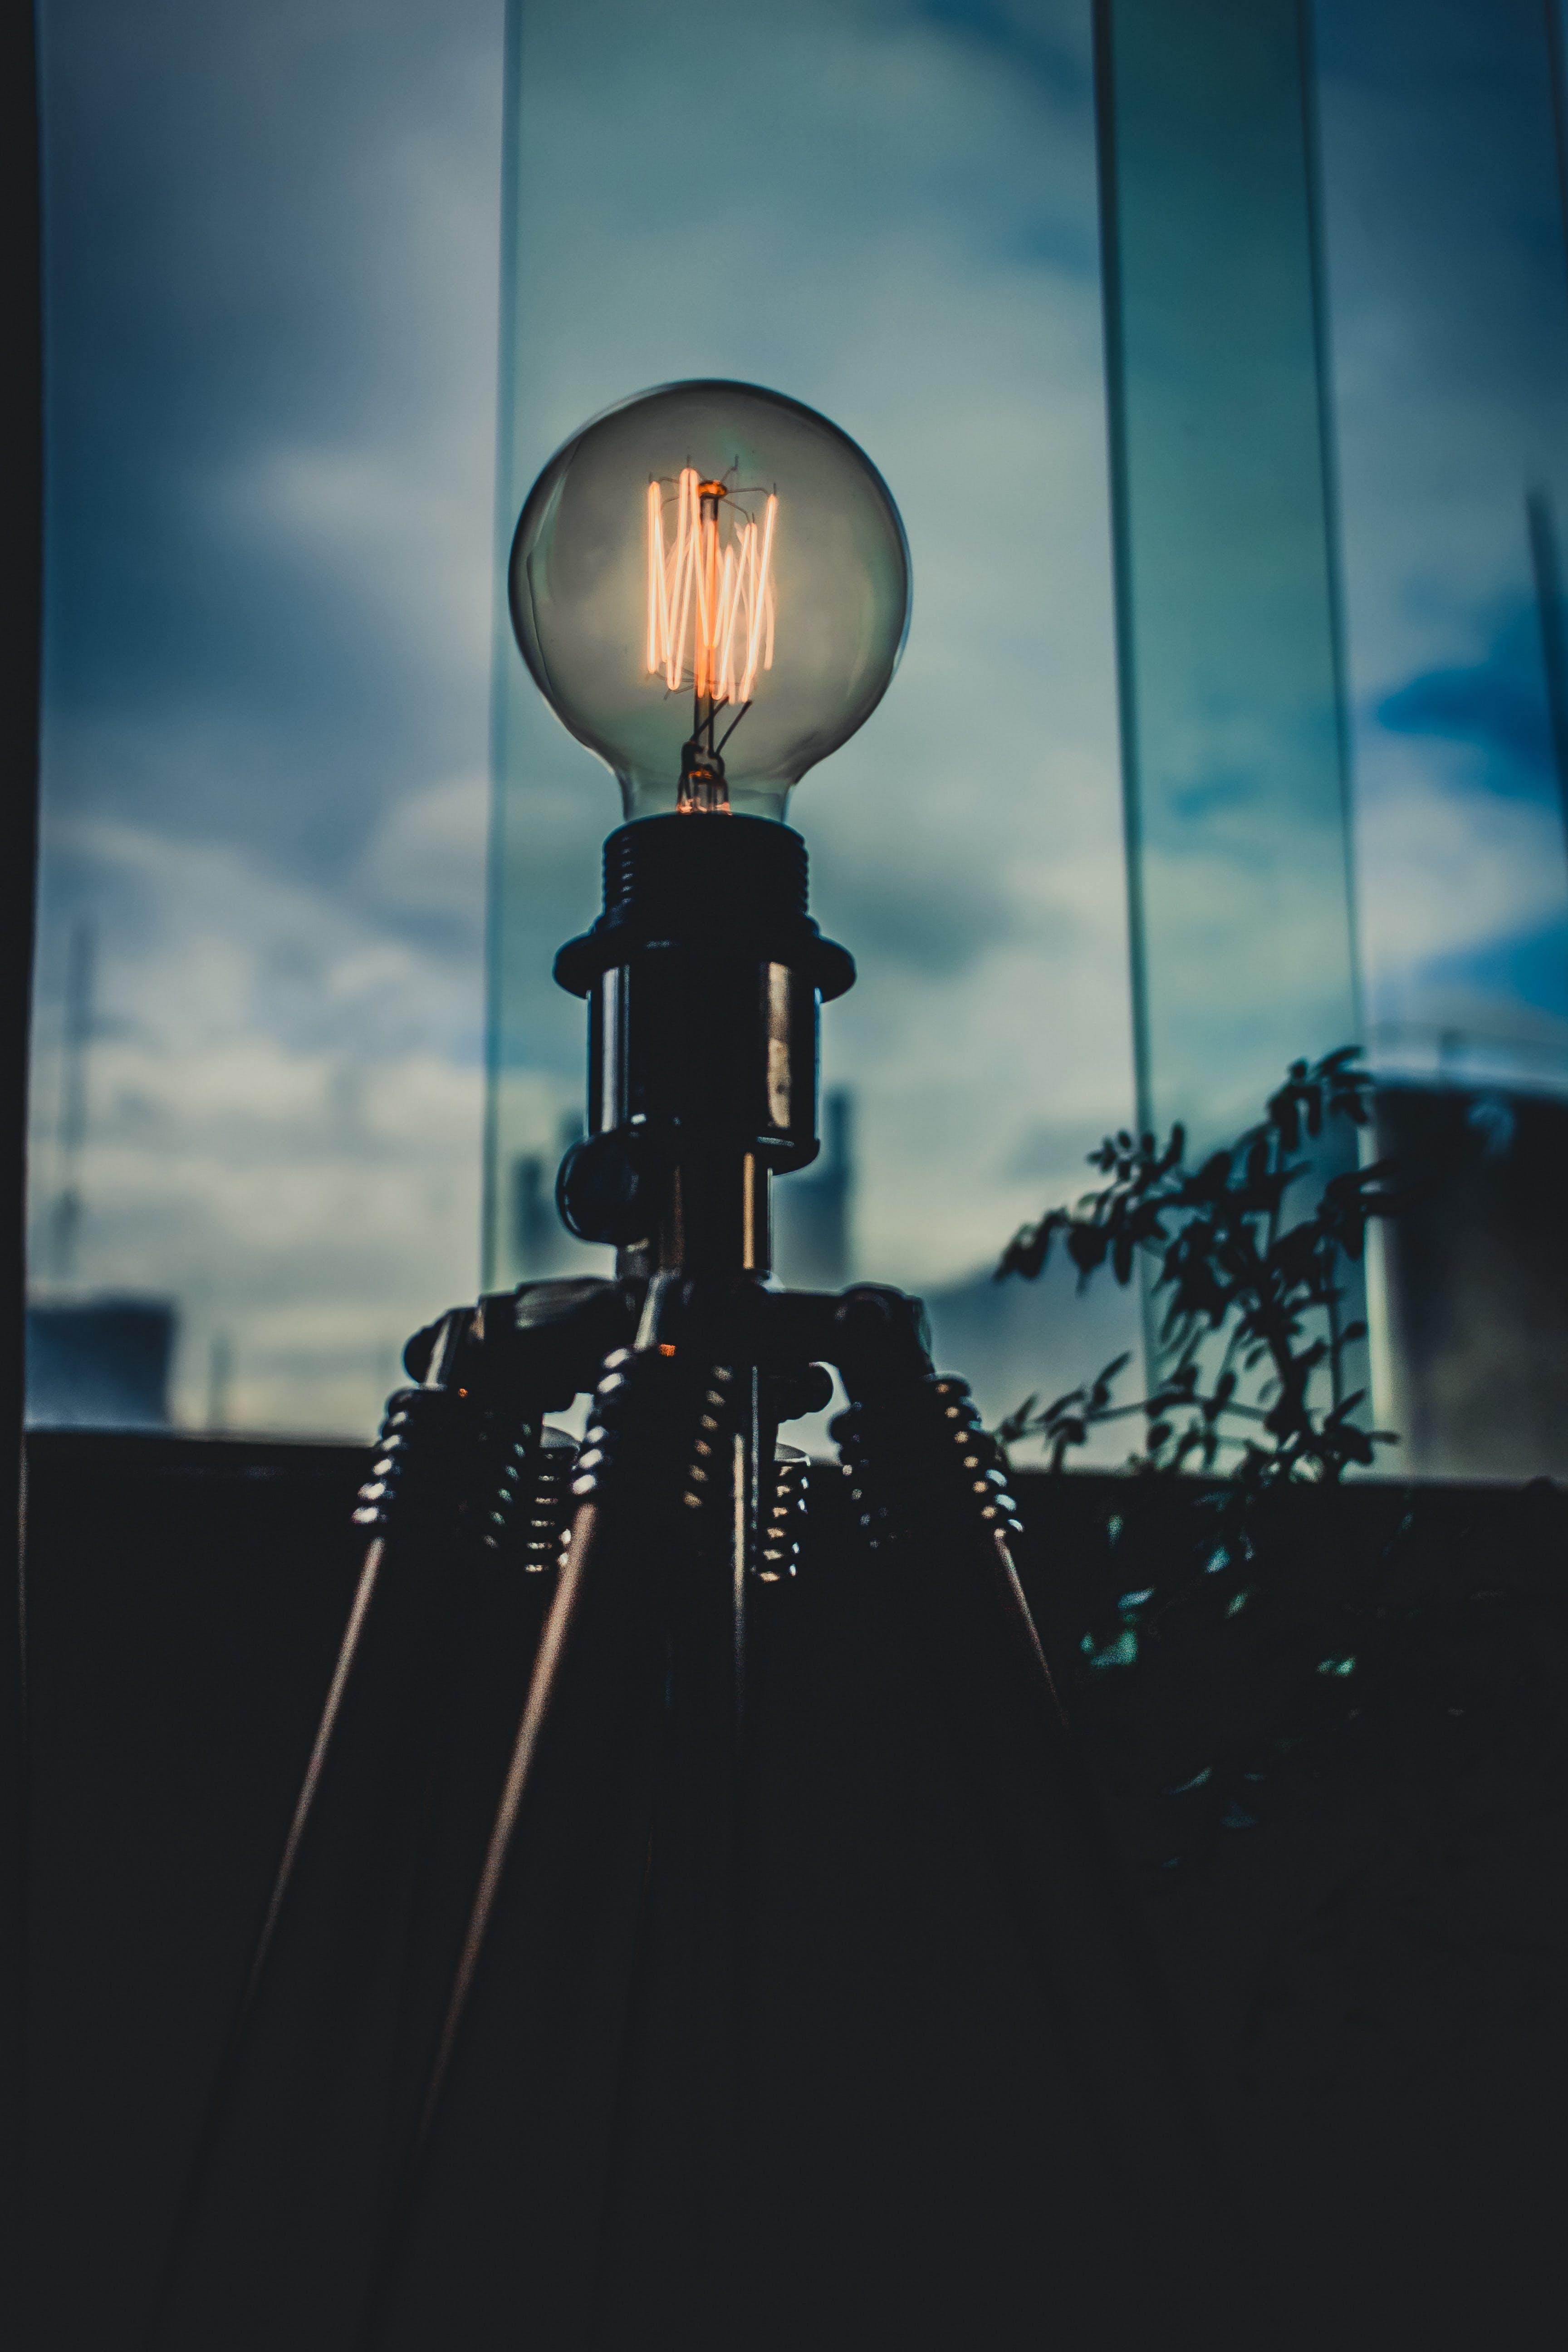 Foto d'estoc gratuïta de articles de vidre, bombeta, brillar, cel